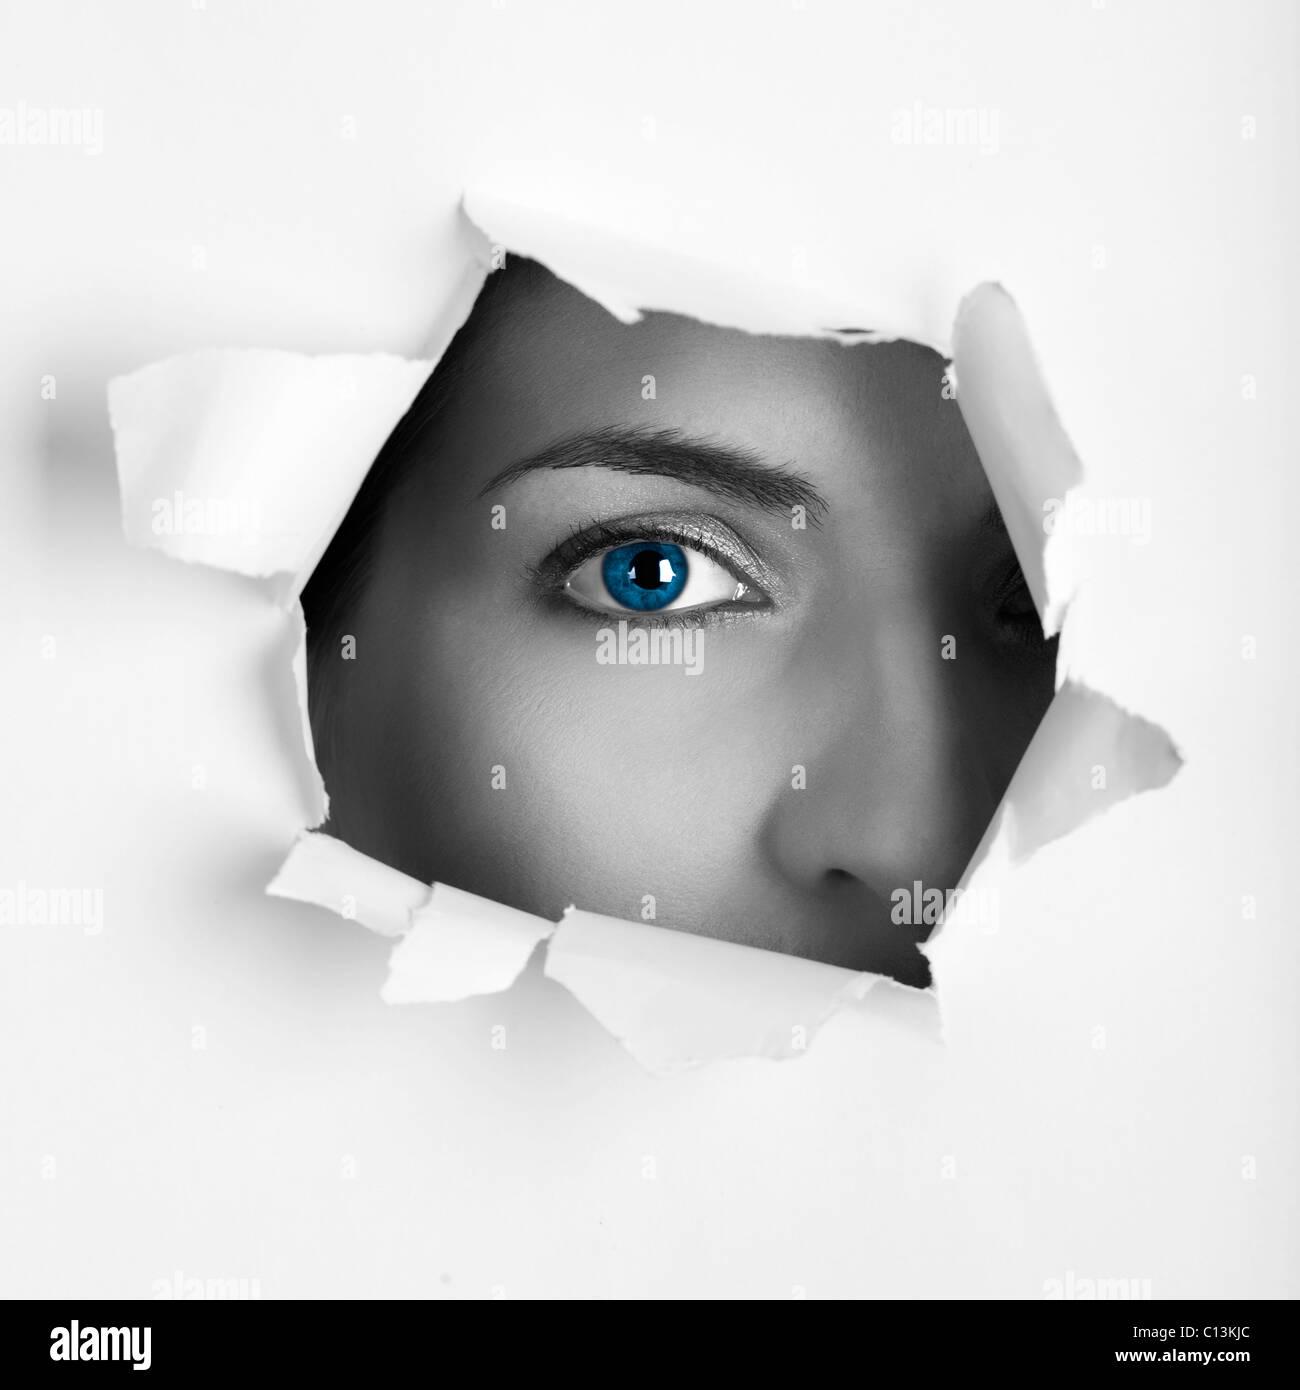 Bellissima femmina blue eye guardando attraverso un foro su un foglio di carta Foto Stock